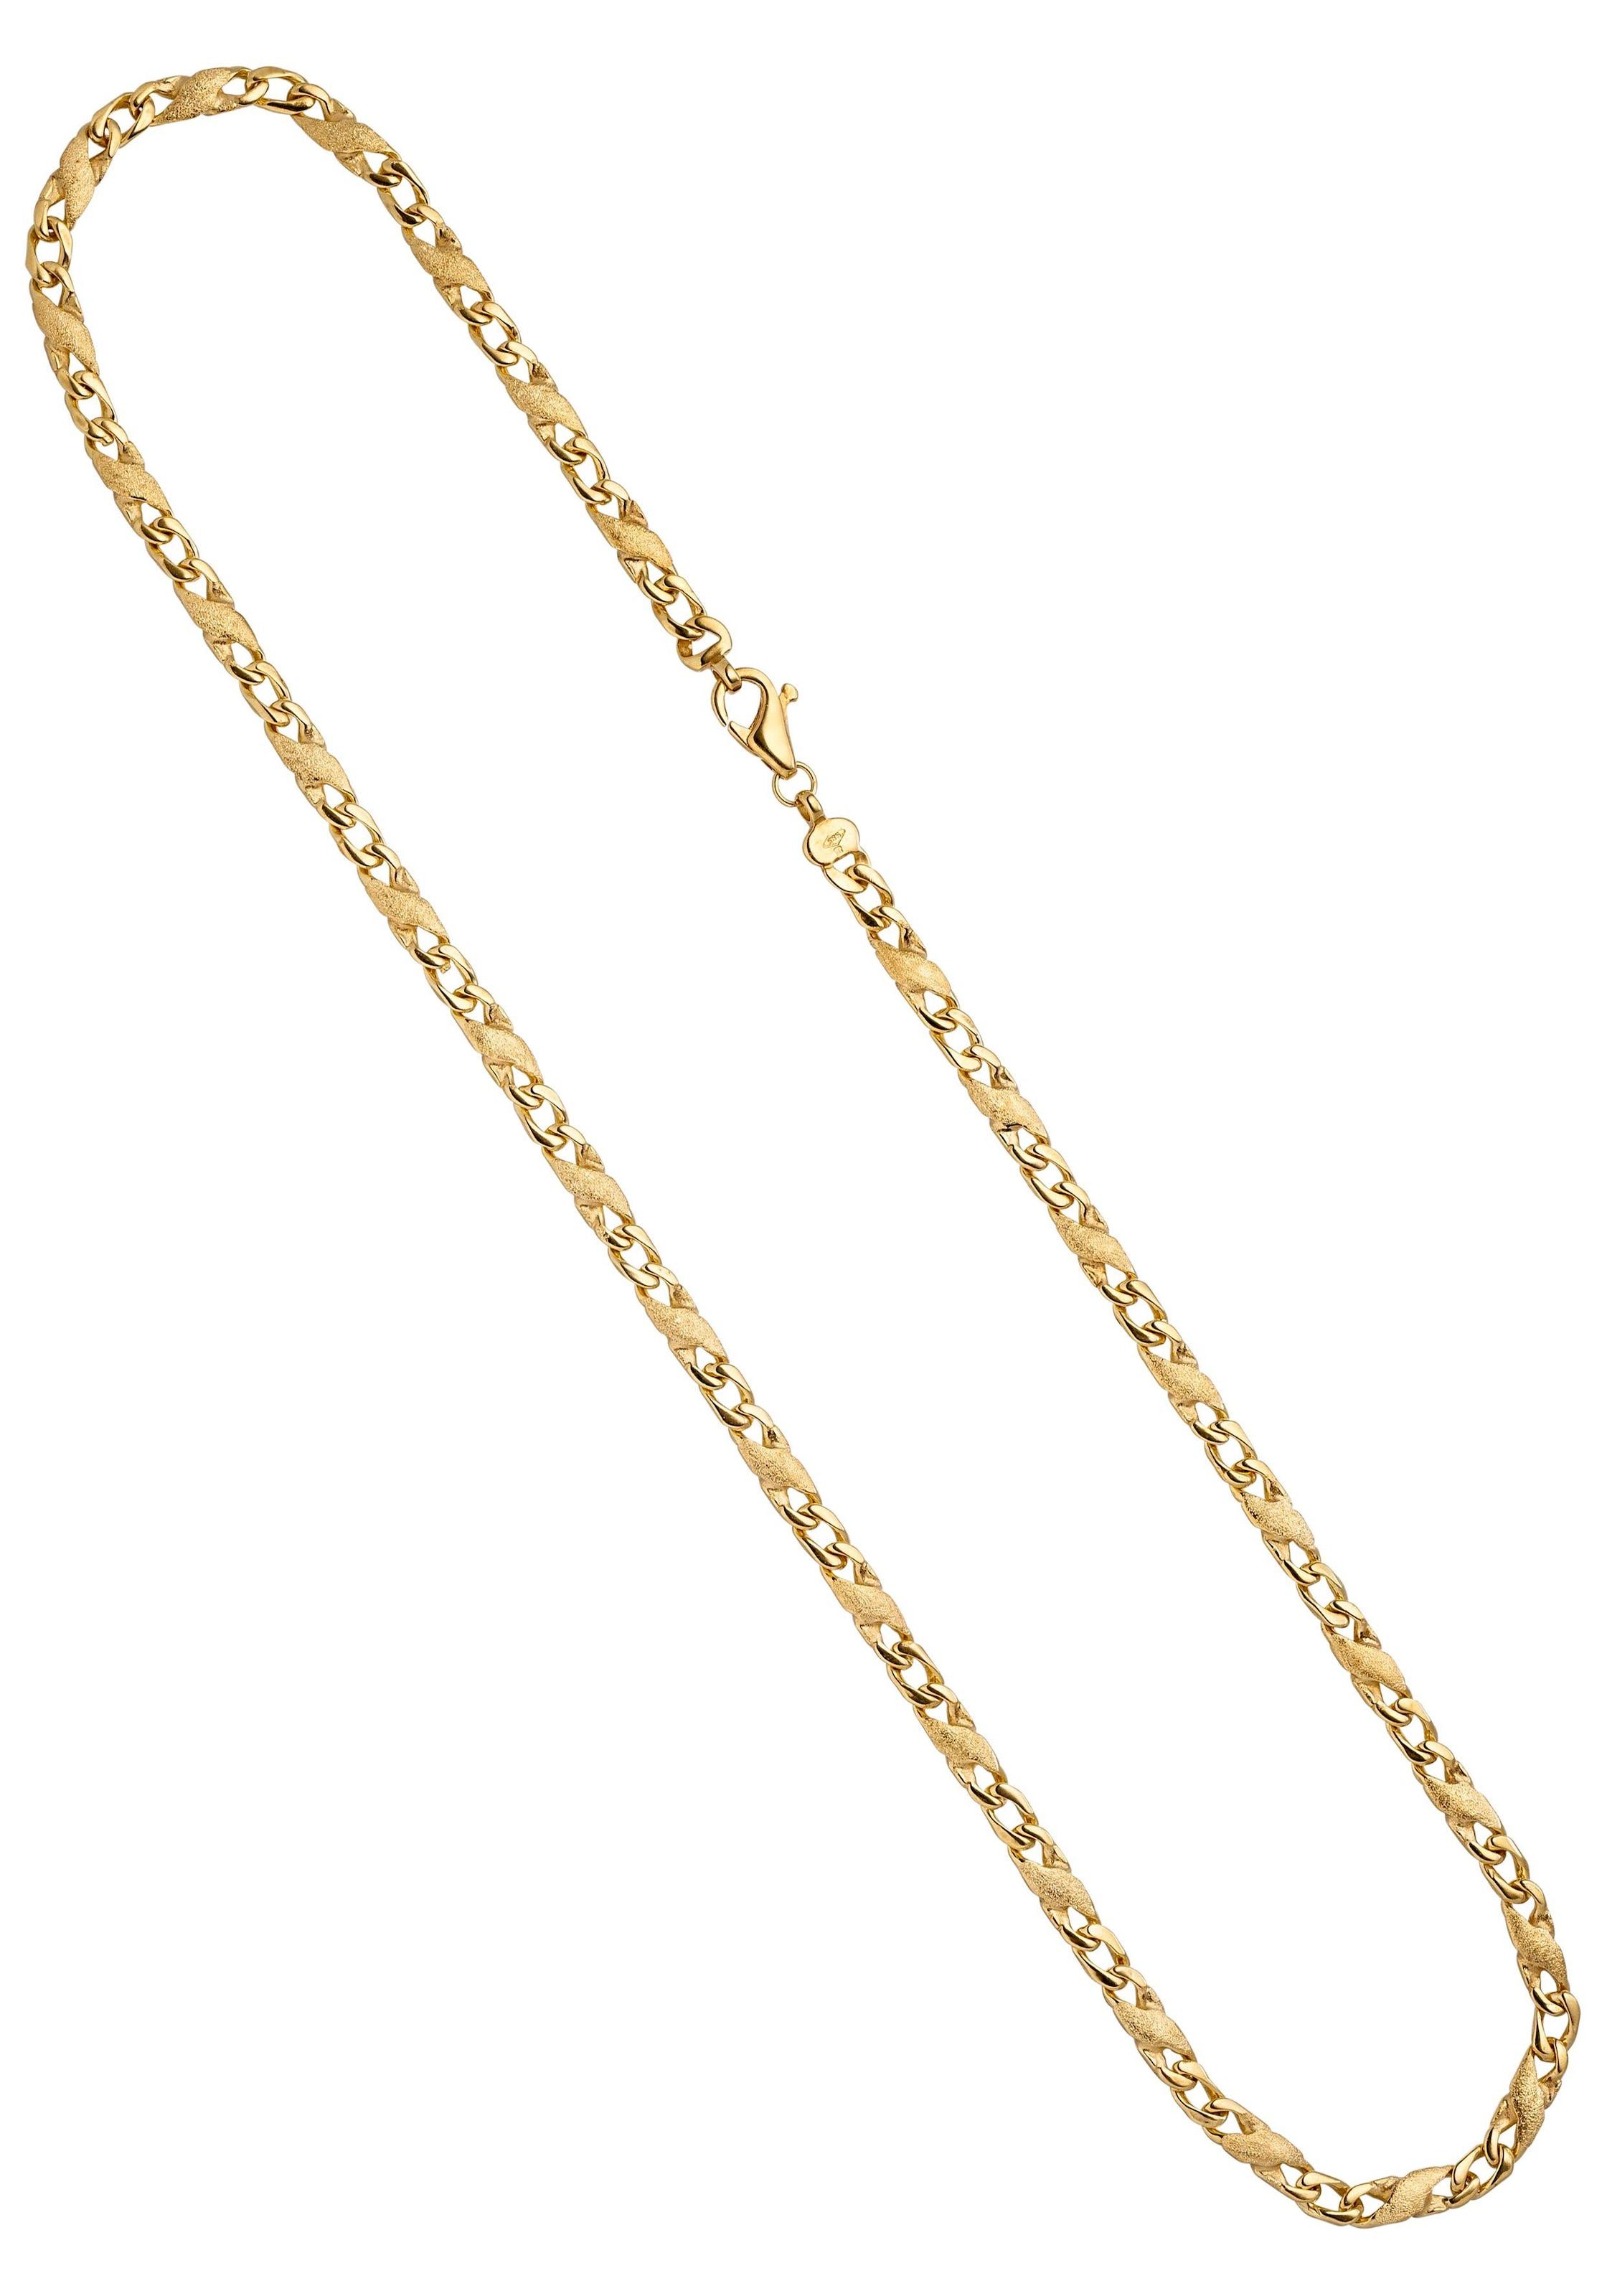 585 goldkette männer 1mm Chain